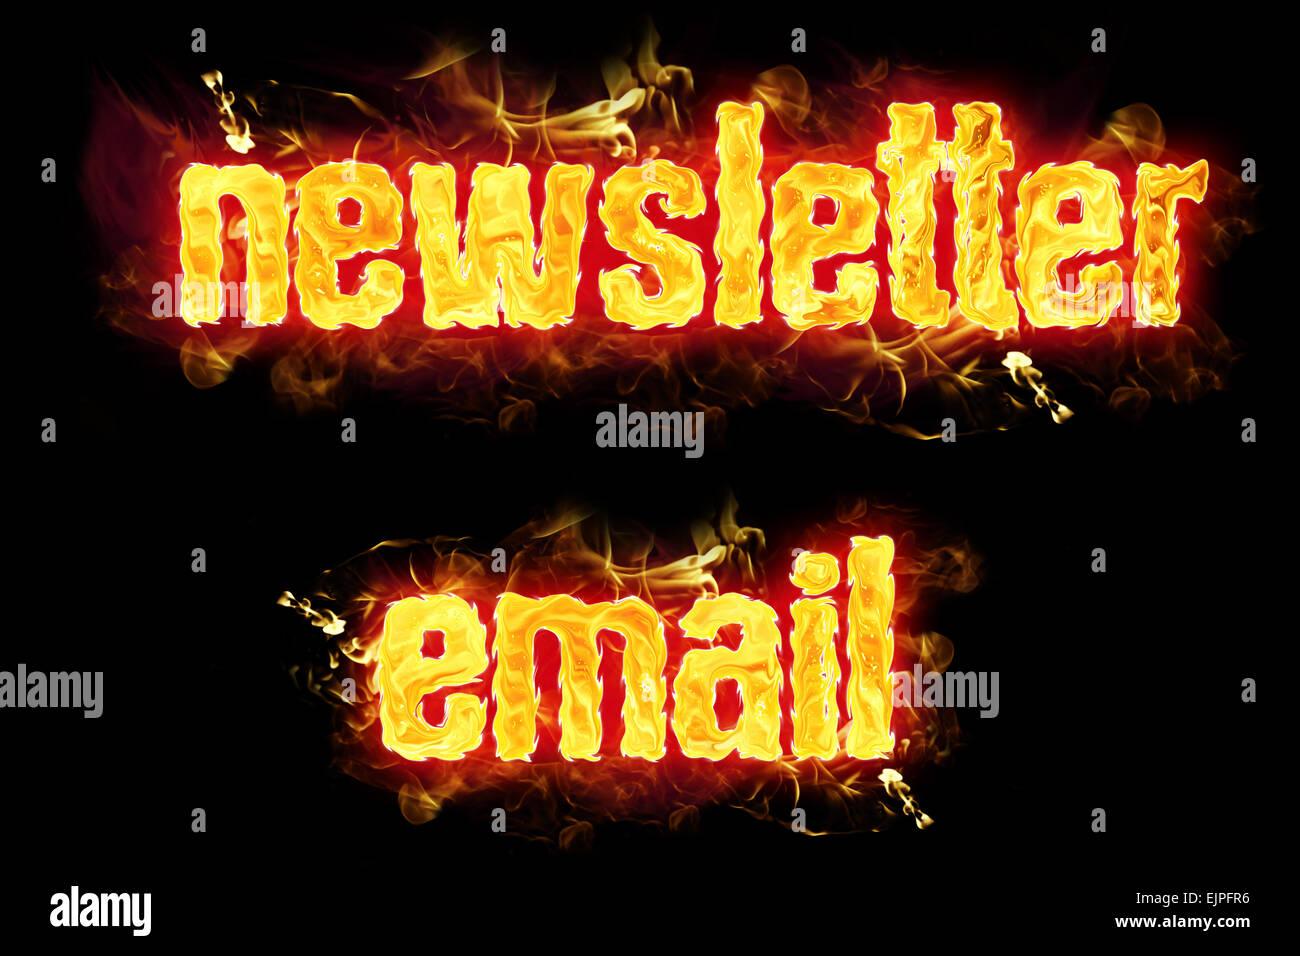 Newsletter di fuoco di un testo di posta elettronica i badge con fiamme. Immagini Stock